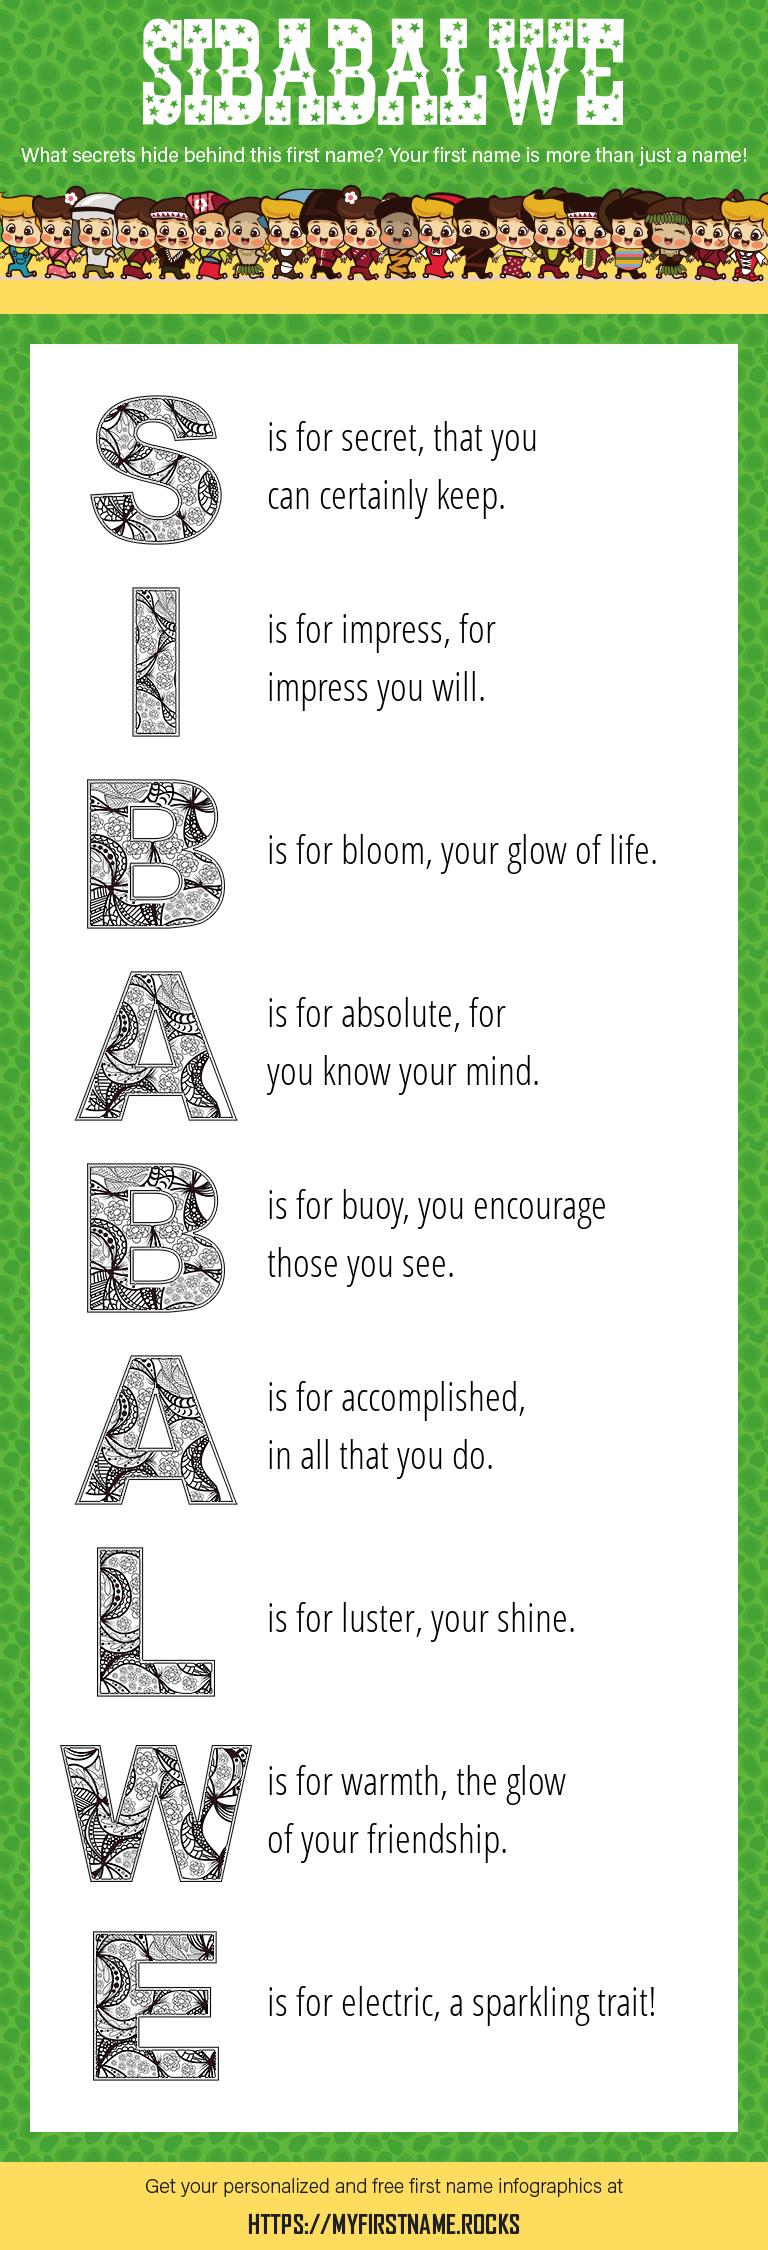 Sibabalwe Infographics